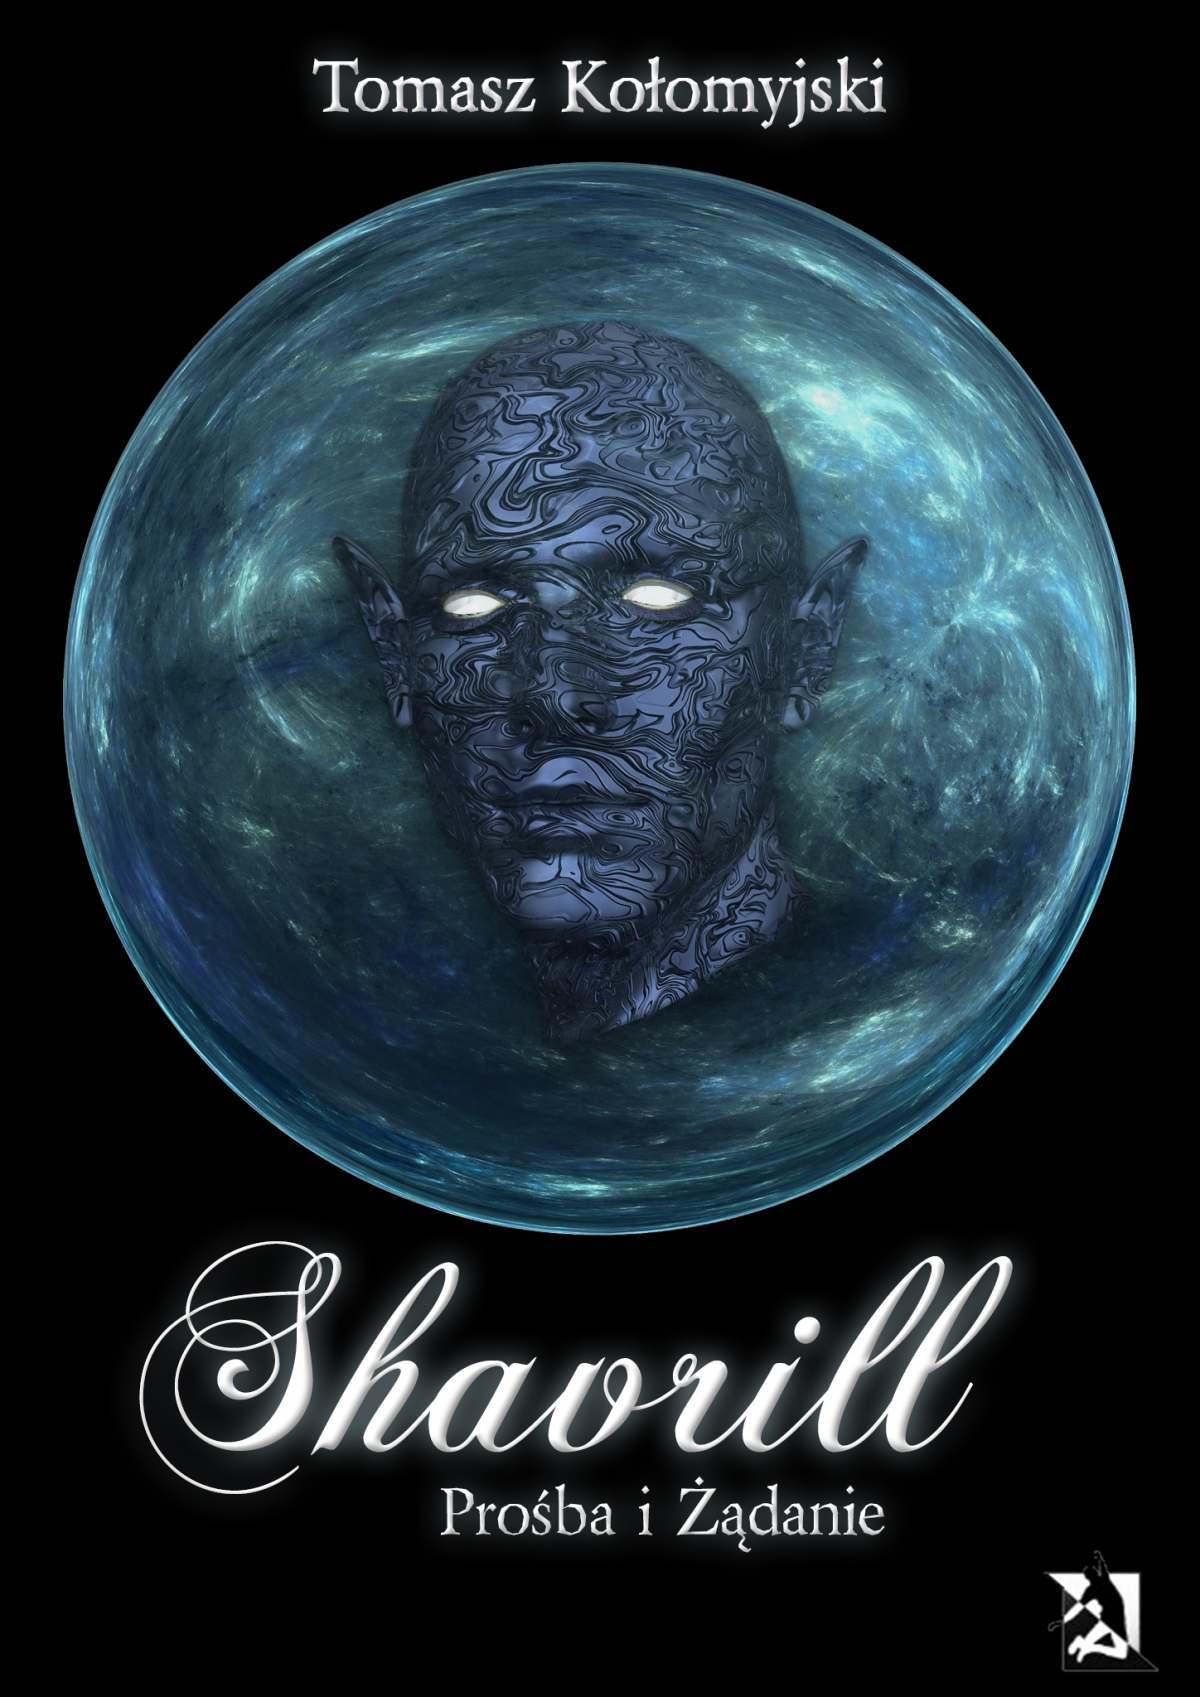 Shavrill – Prośba i Żądanie - Ebook (Książka EPUB) do pobrania w formacie EPUB